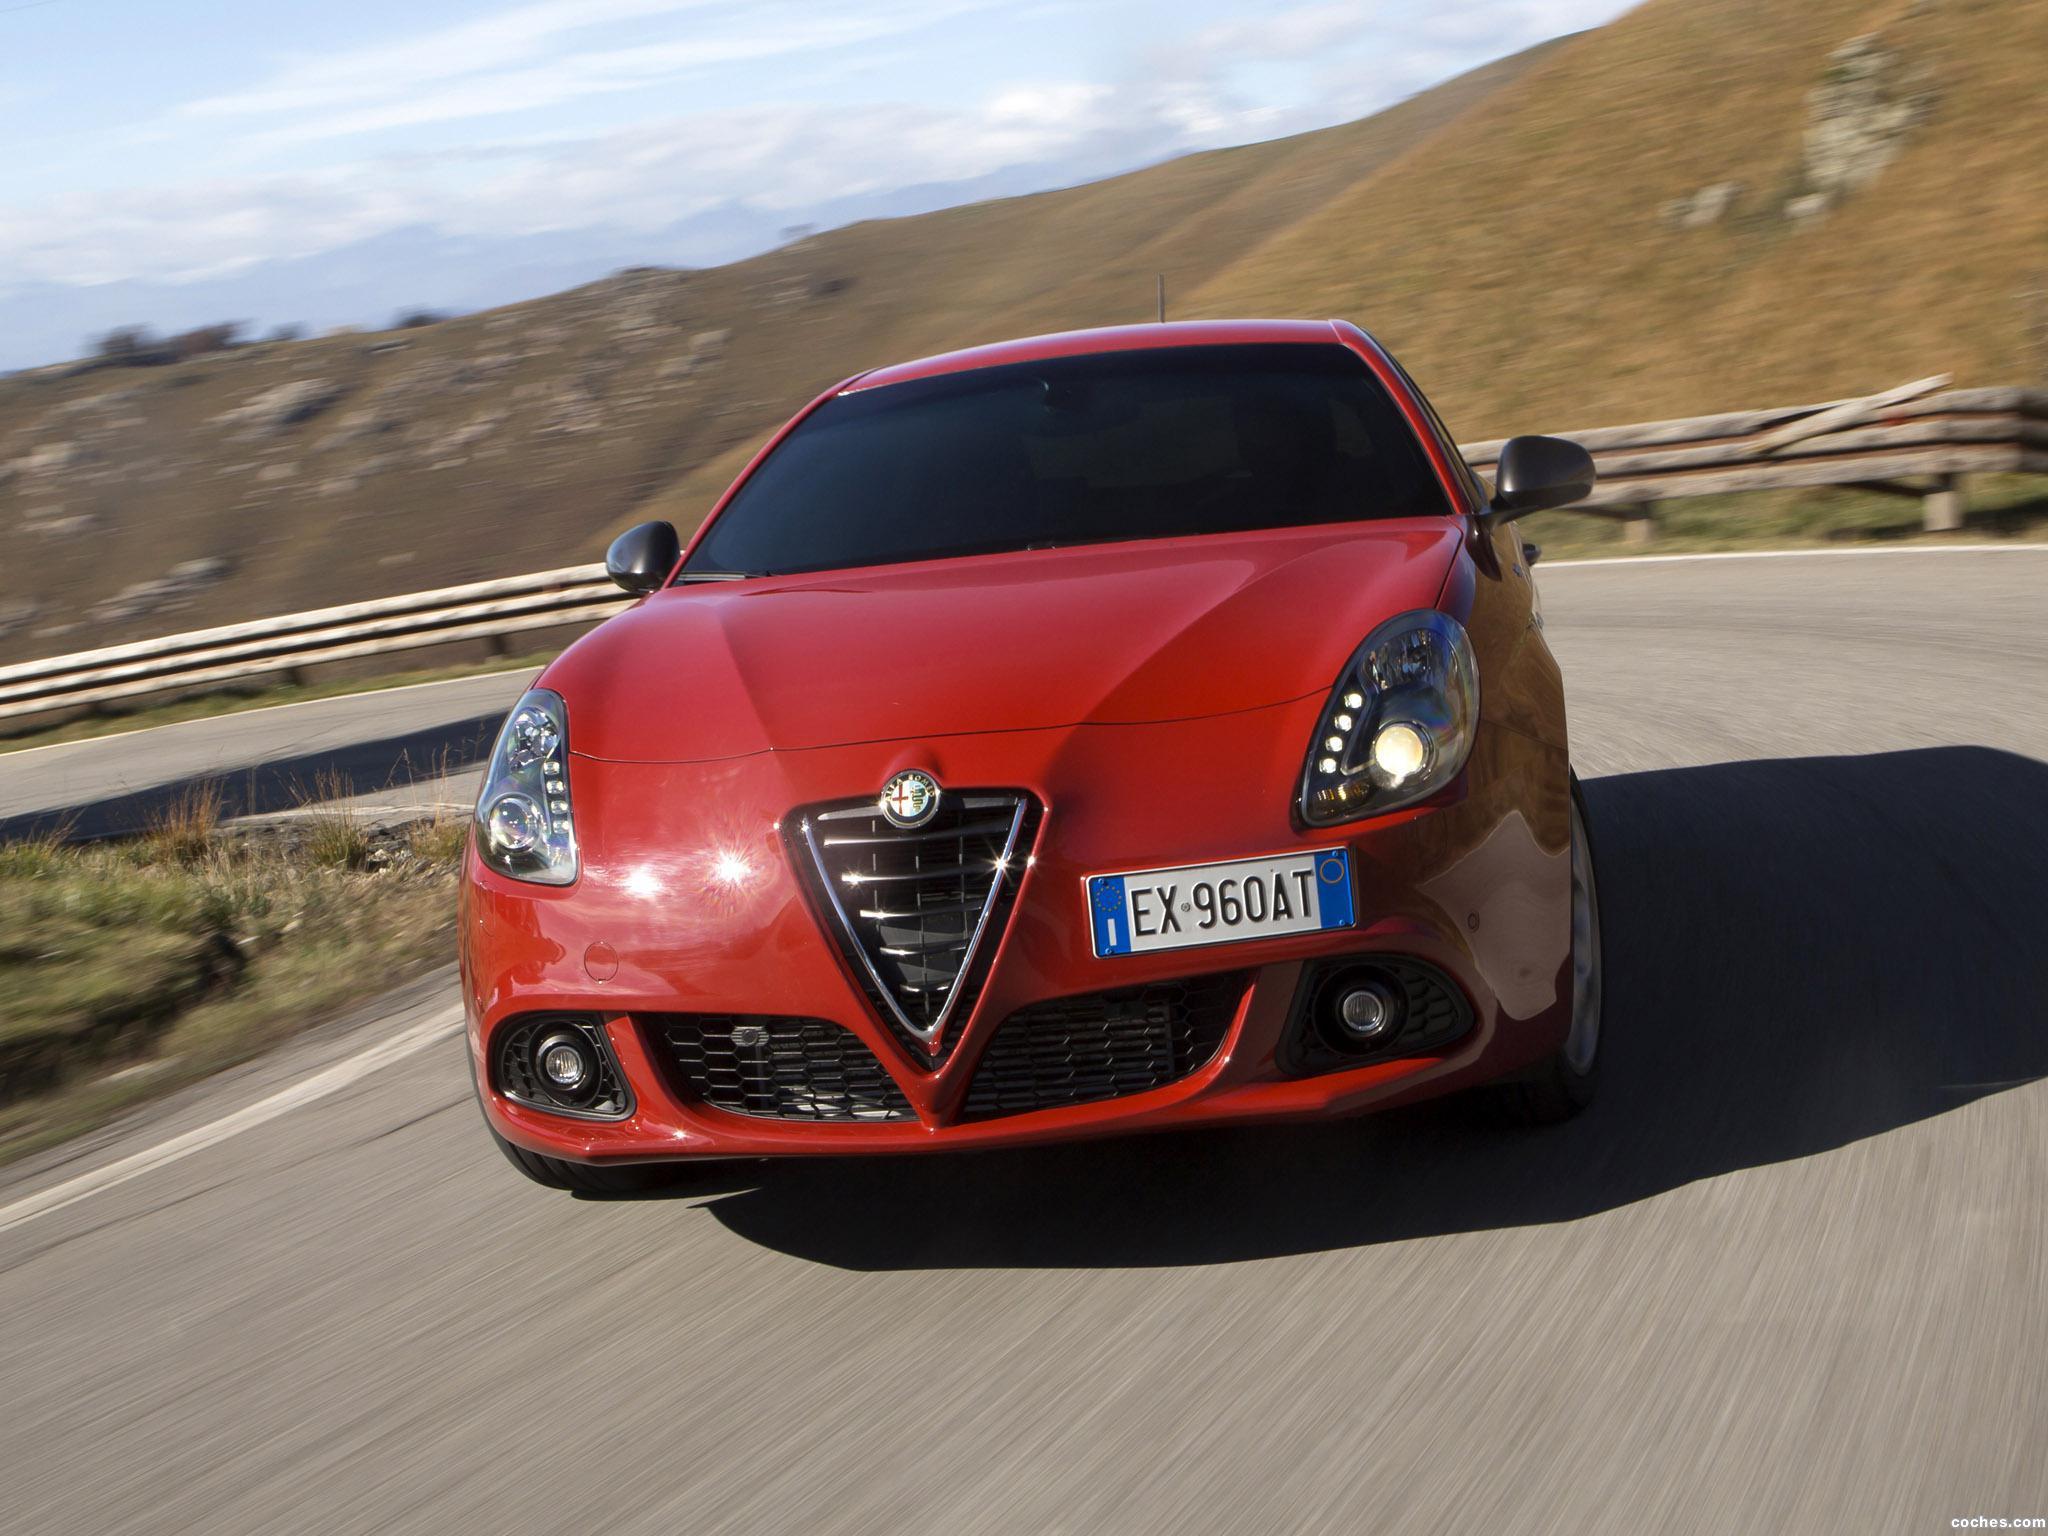 Foto 1 de Alfa Romeo Giulietta Sprint 2014